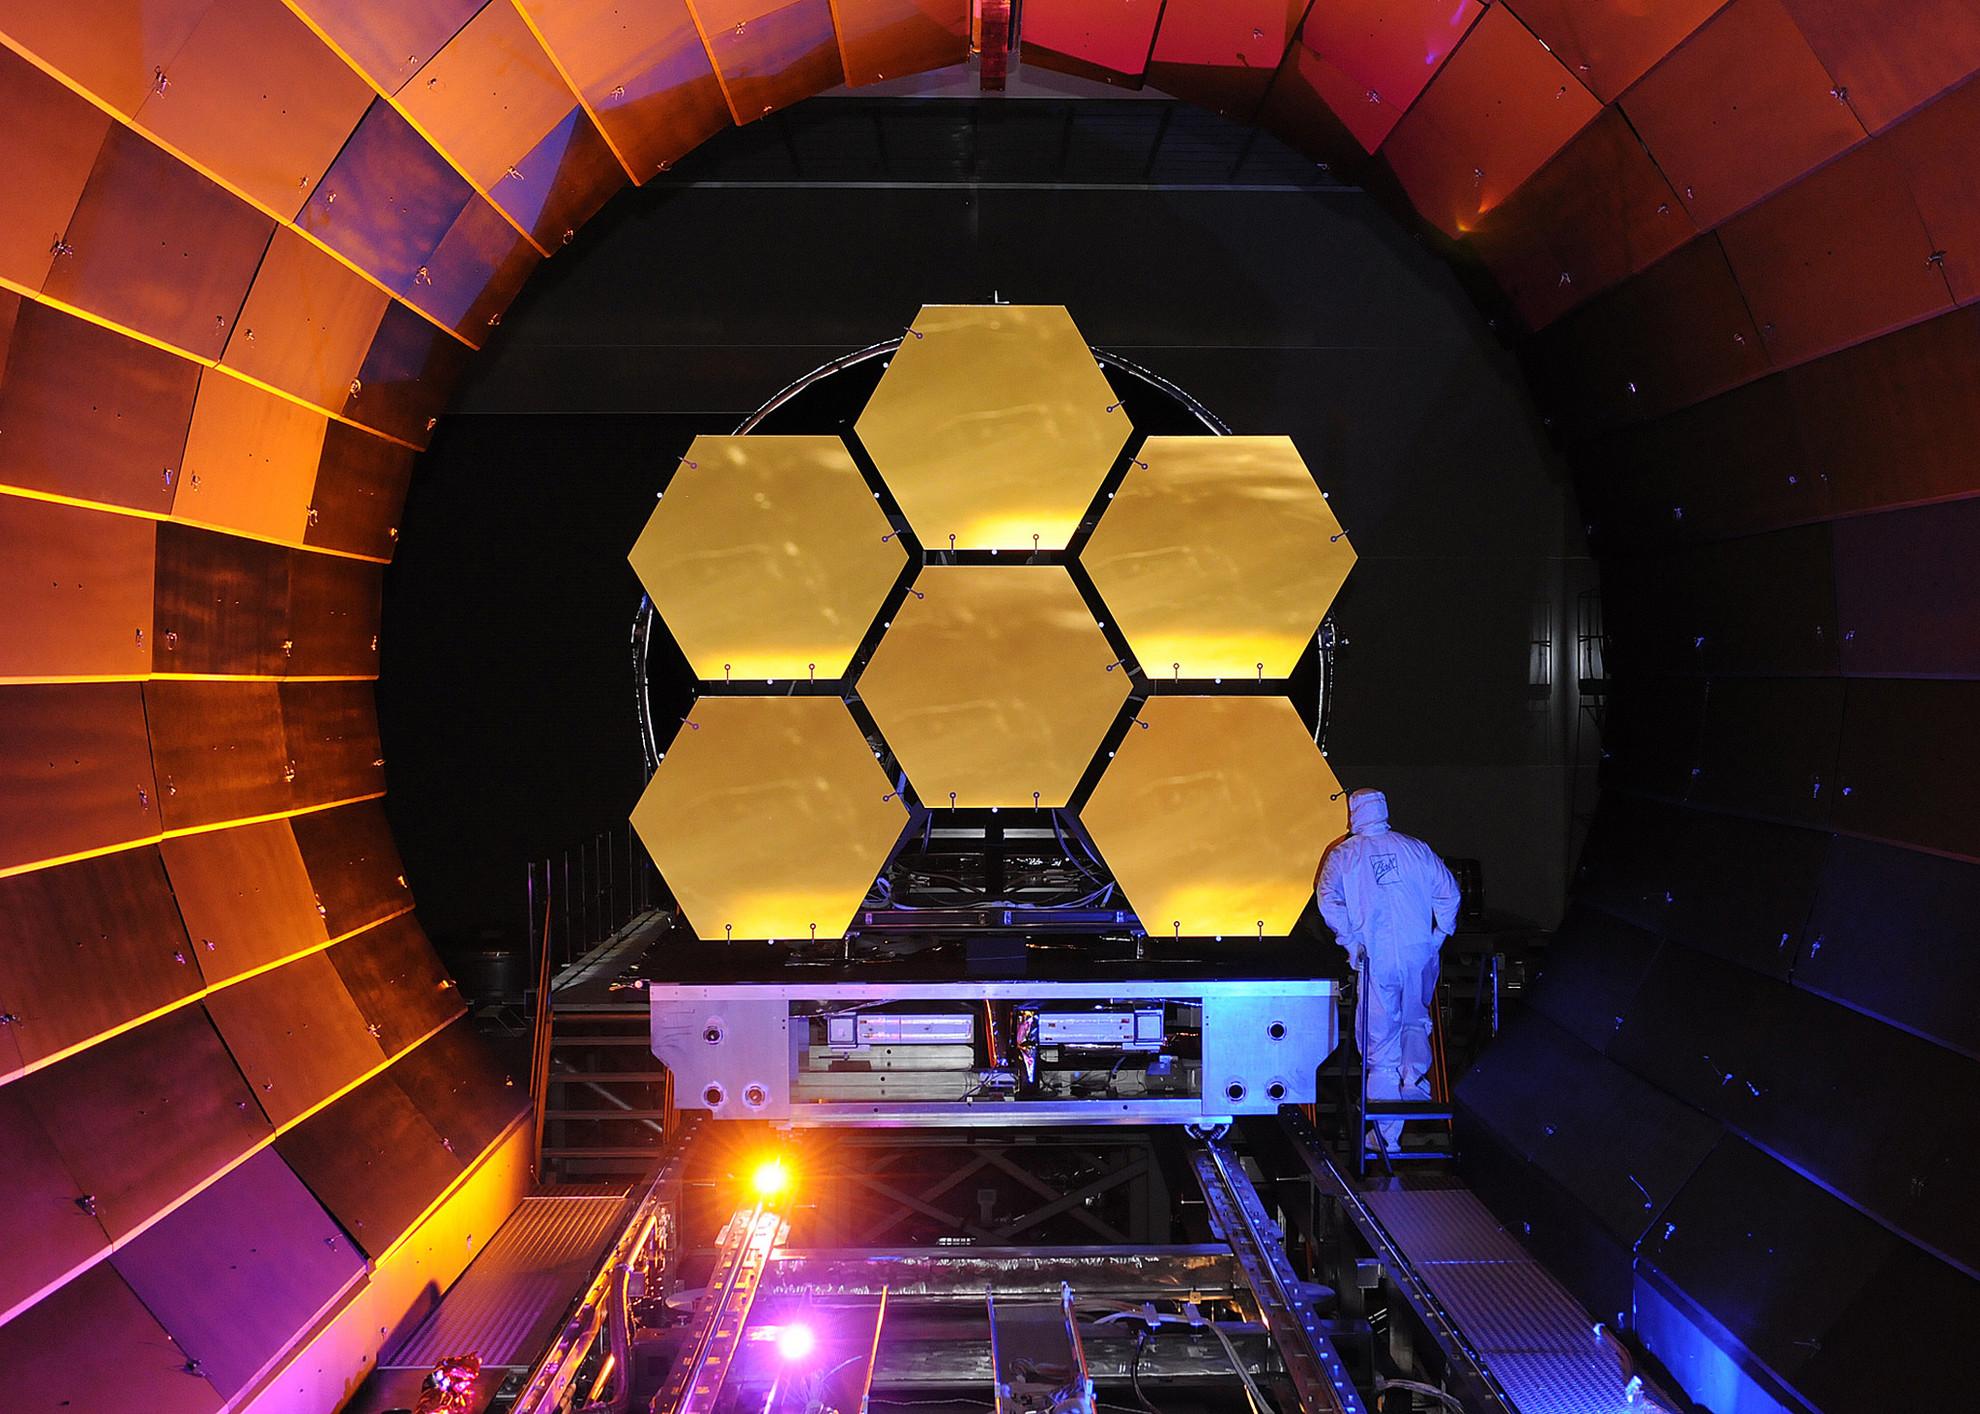 Le futur successeur d'Hubble, le James Webb Space Telescope - droits : Ball Aerospace